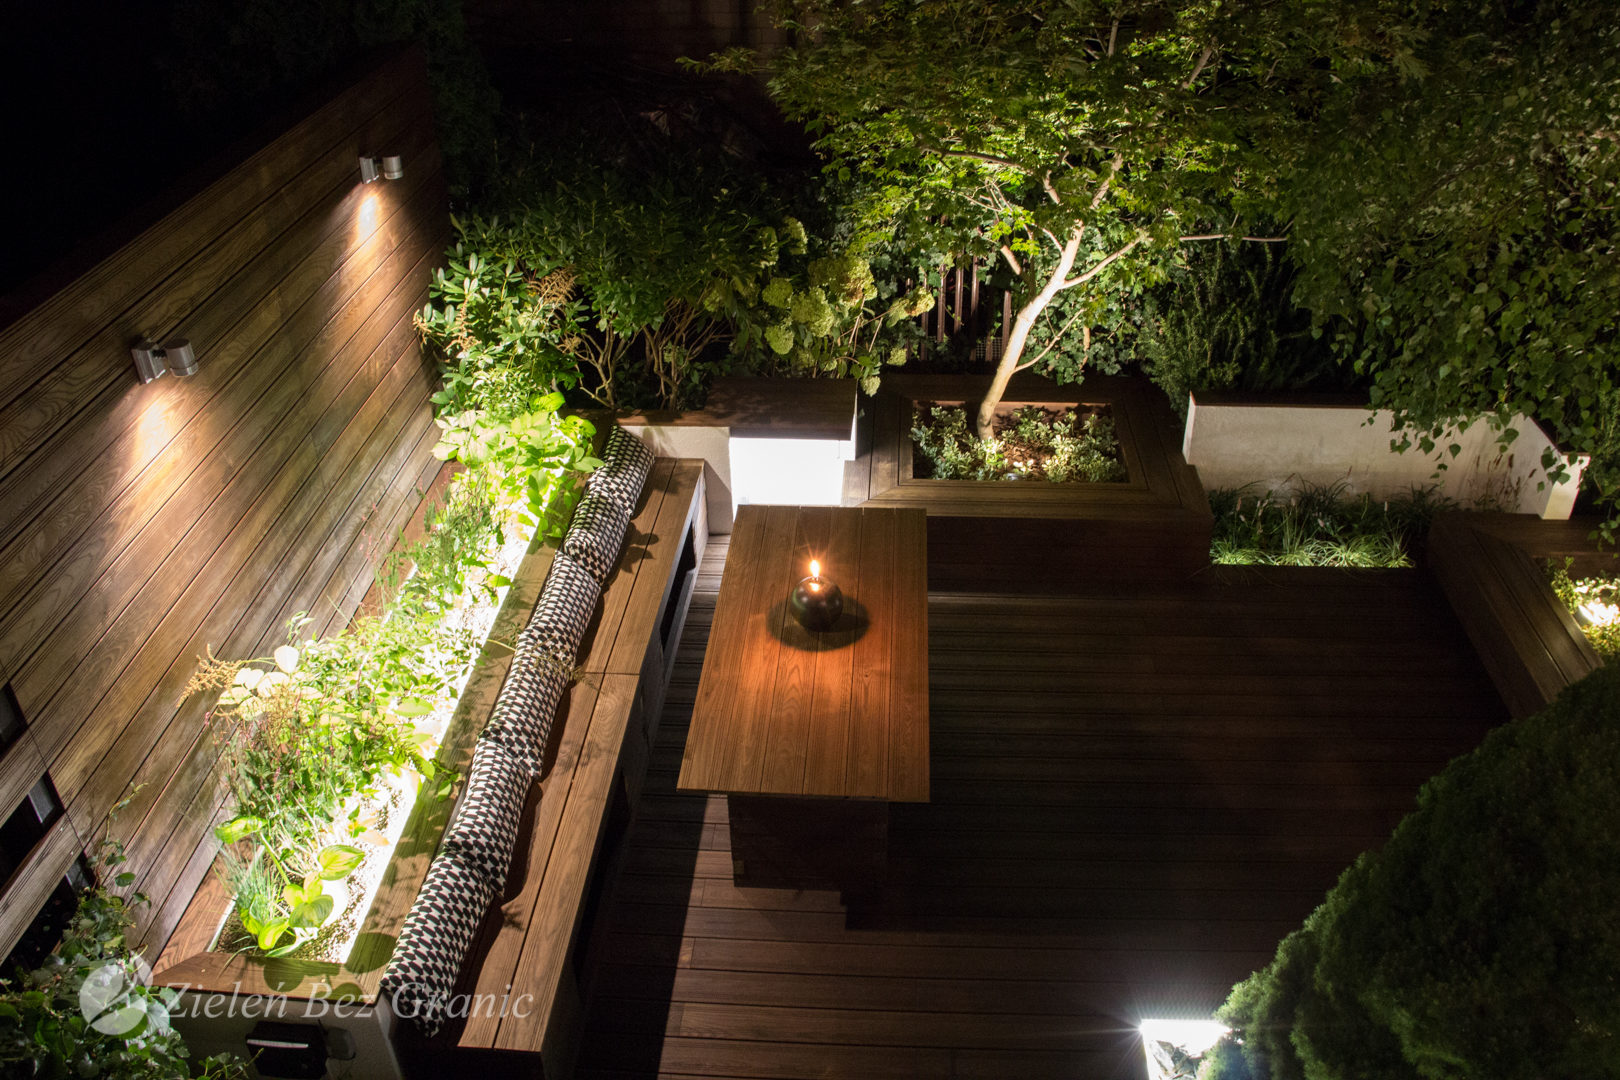 Romantyczne podświetlenie w nocy.